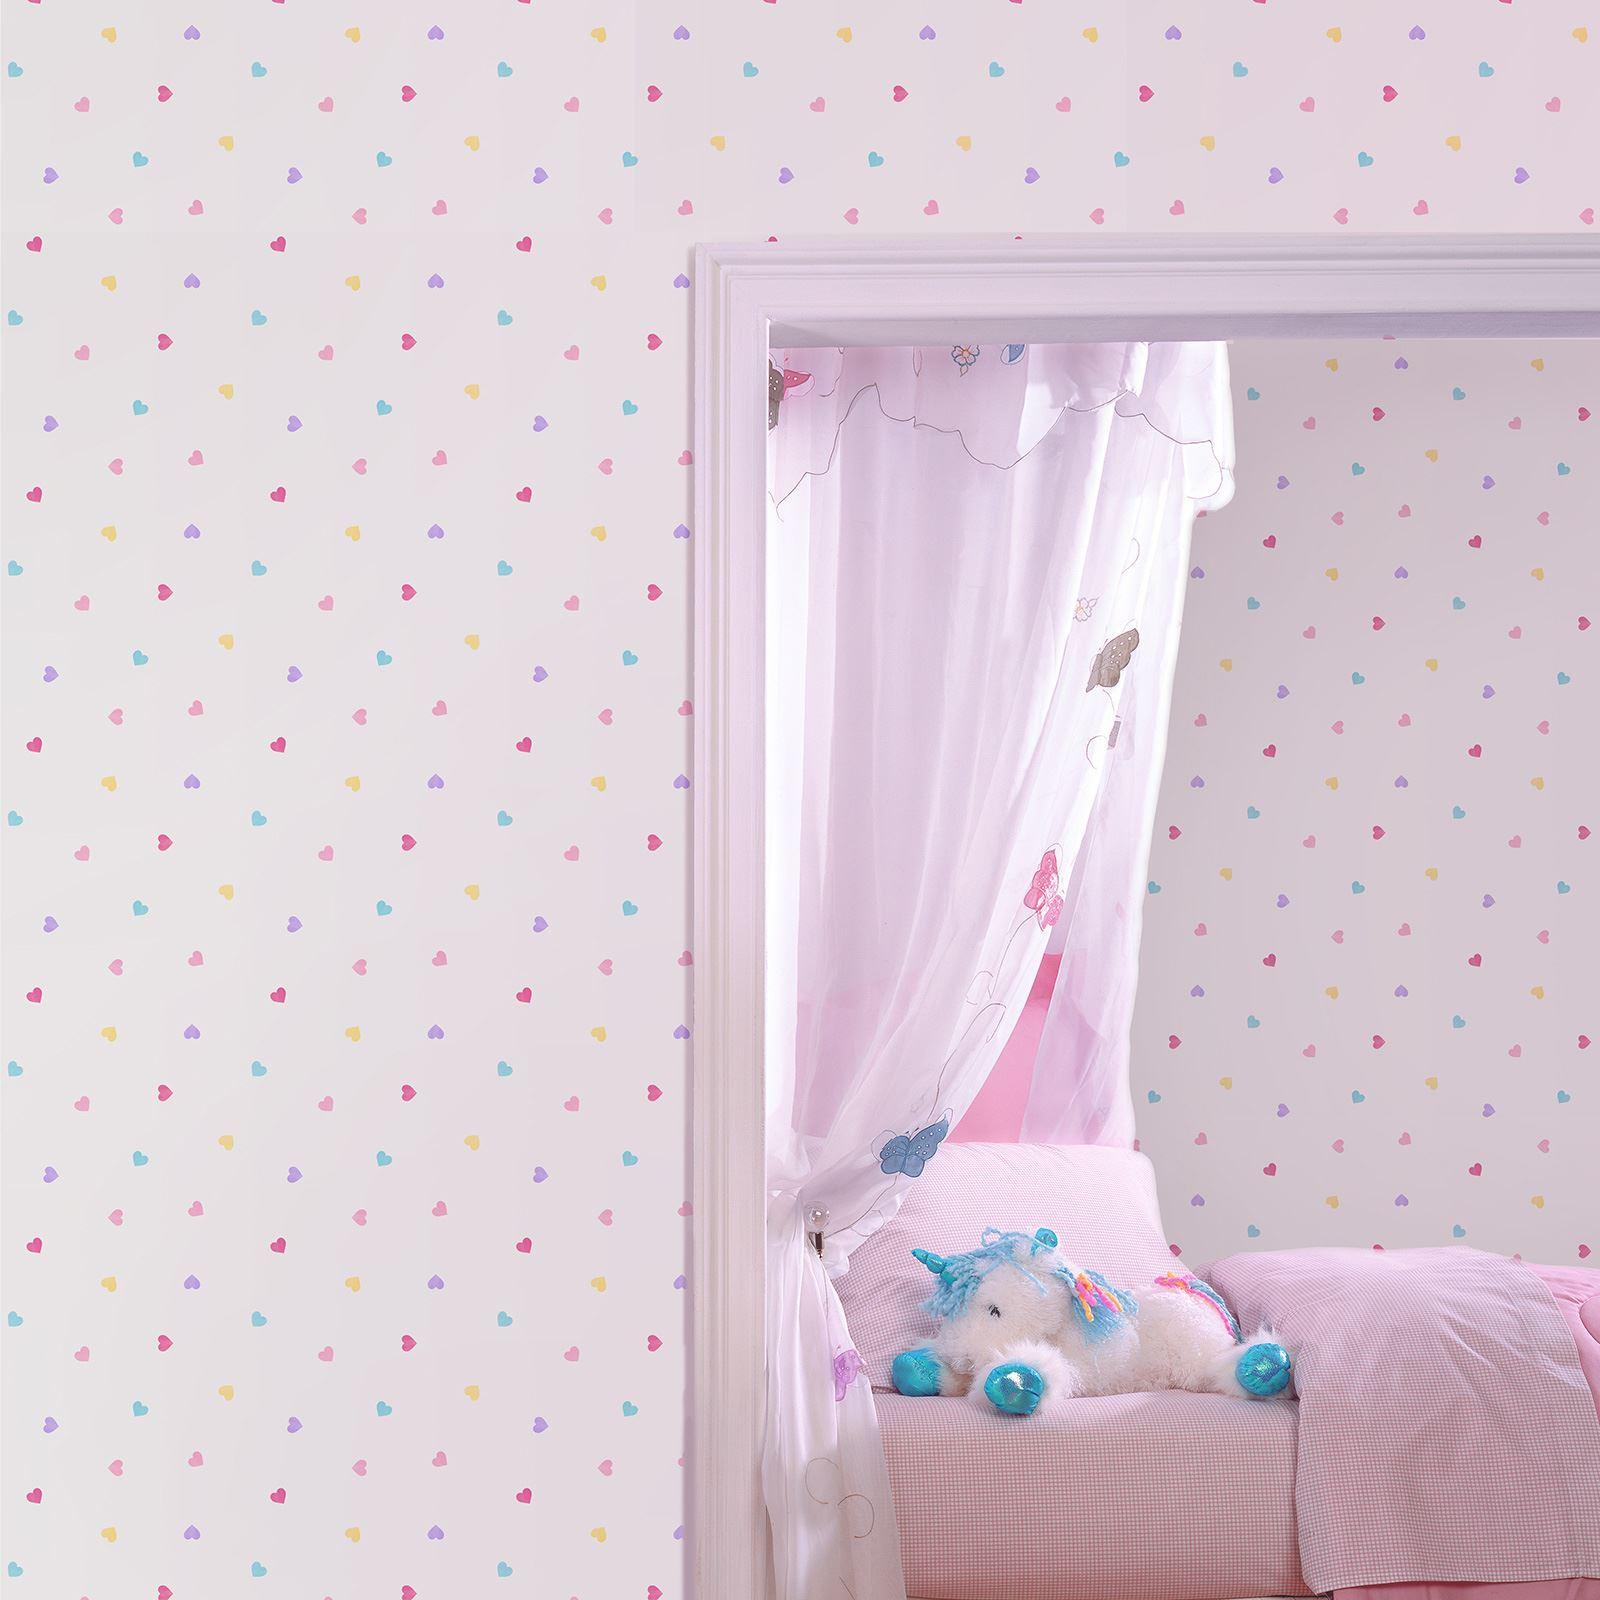 herz themen tapete m dchen schlafzimmer pink verschiedene. Black Bedroom Furniture Sets. Home Design Ideas